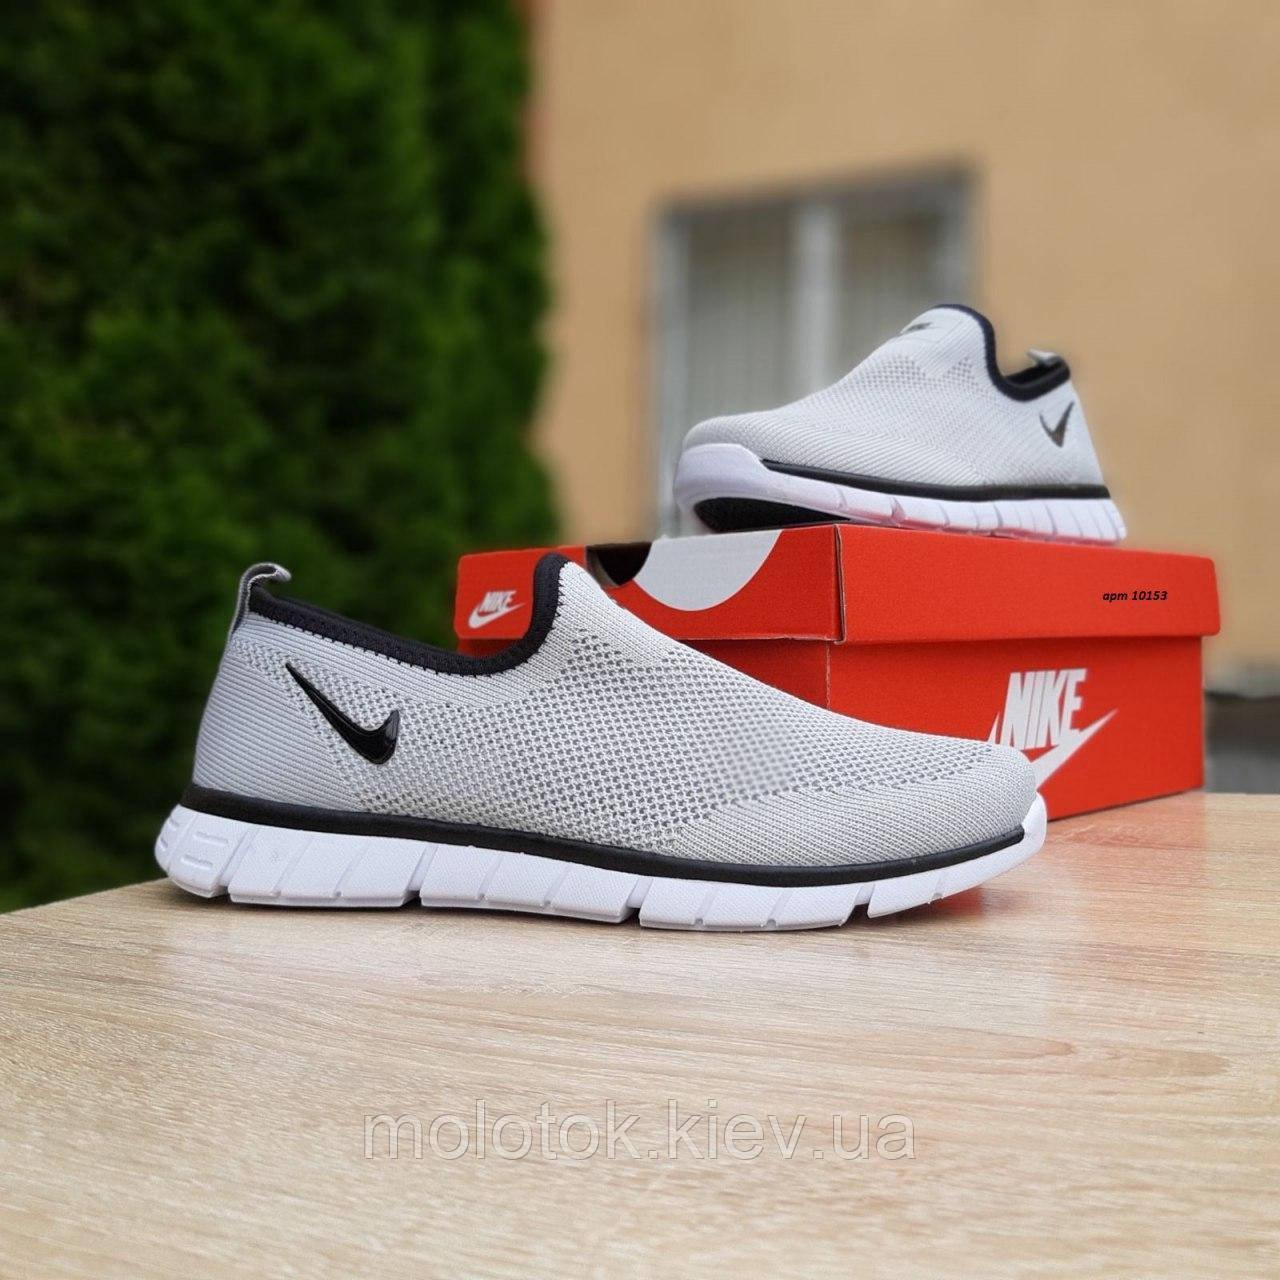 Мужские кроссовки в стиле Nike серые